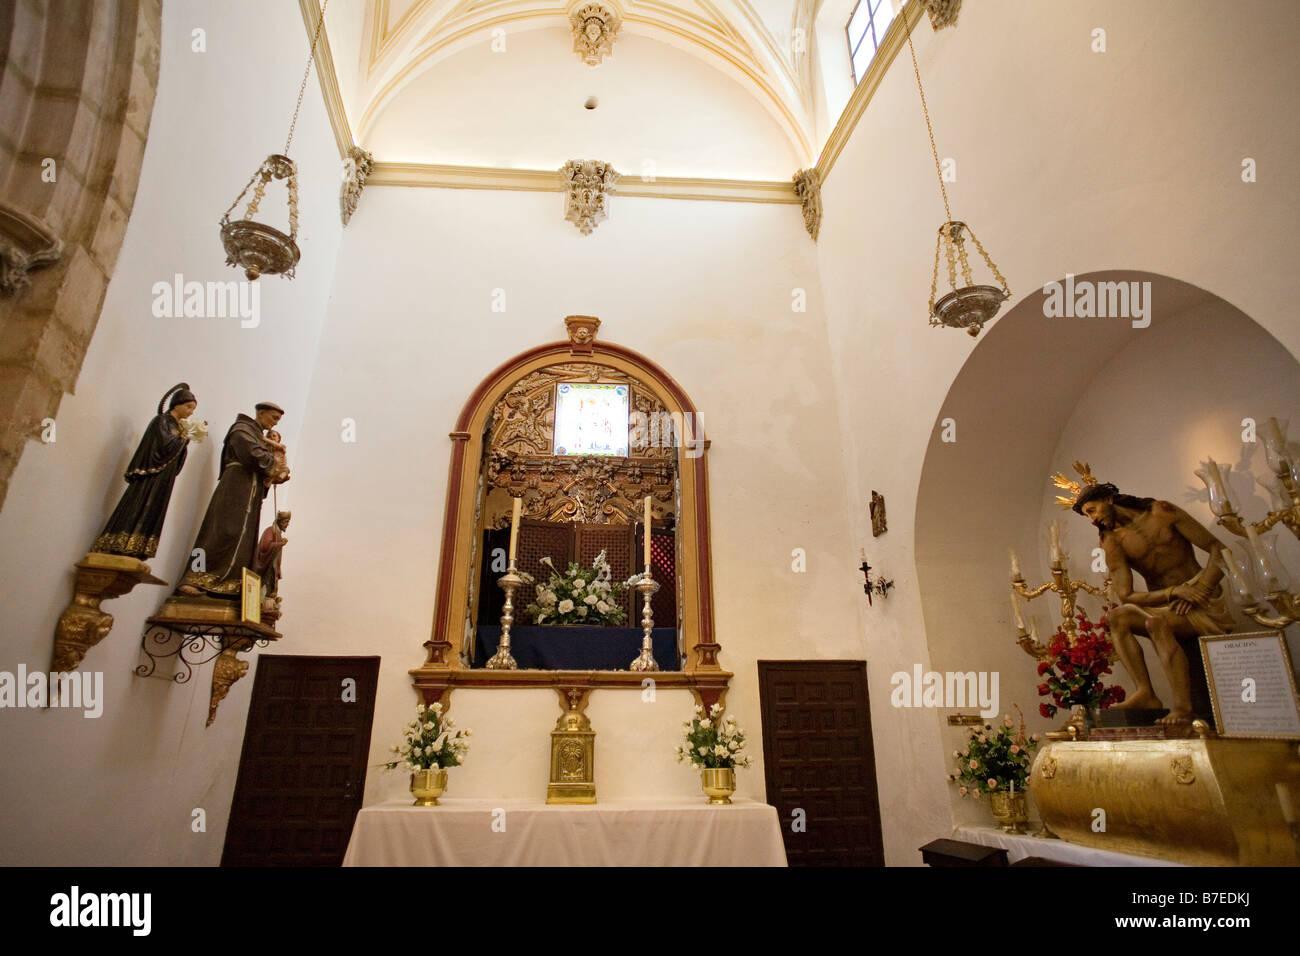 Chiesa di Padre Gesù Ronda Serrania de Ronda Malaga Andalusia Spagna Immagini Stock